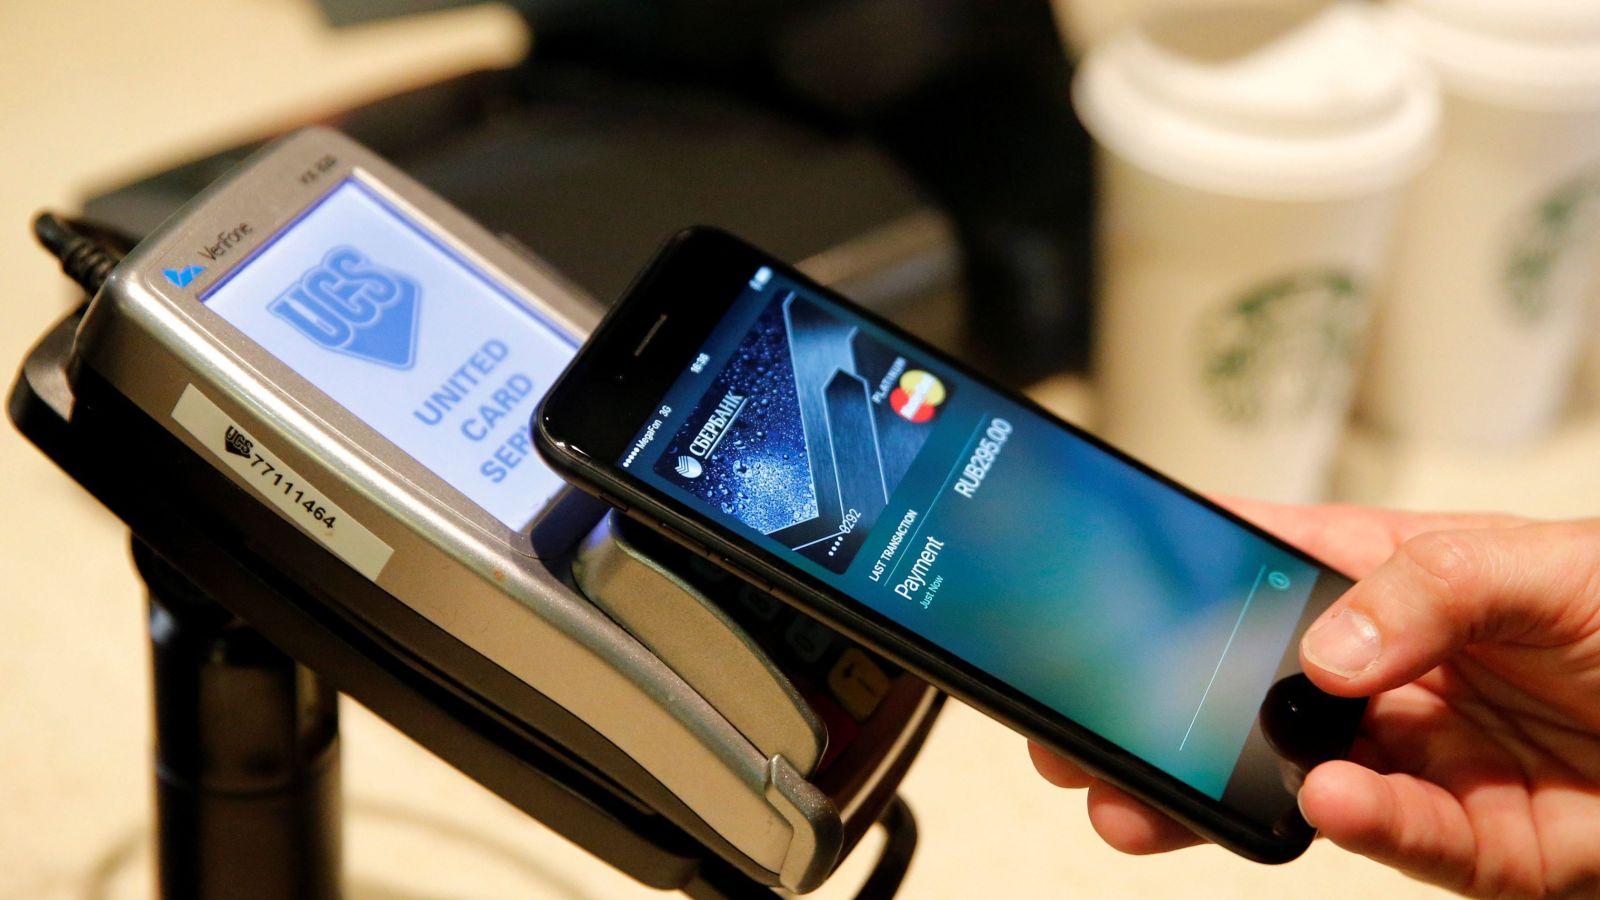 Можно ли установить nfc модуль в телефон с помощью адаптера NFC?